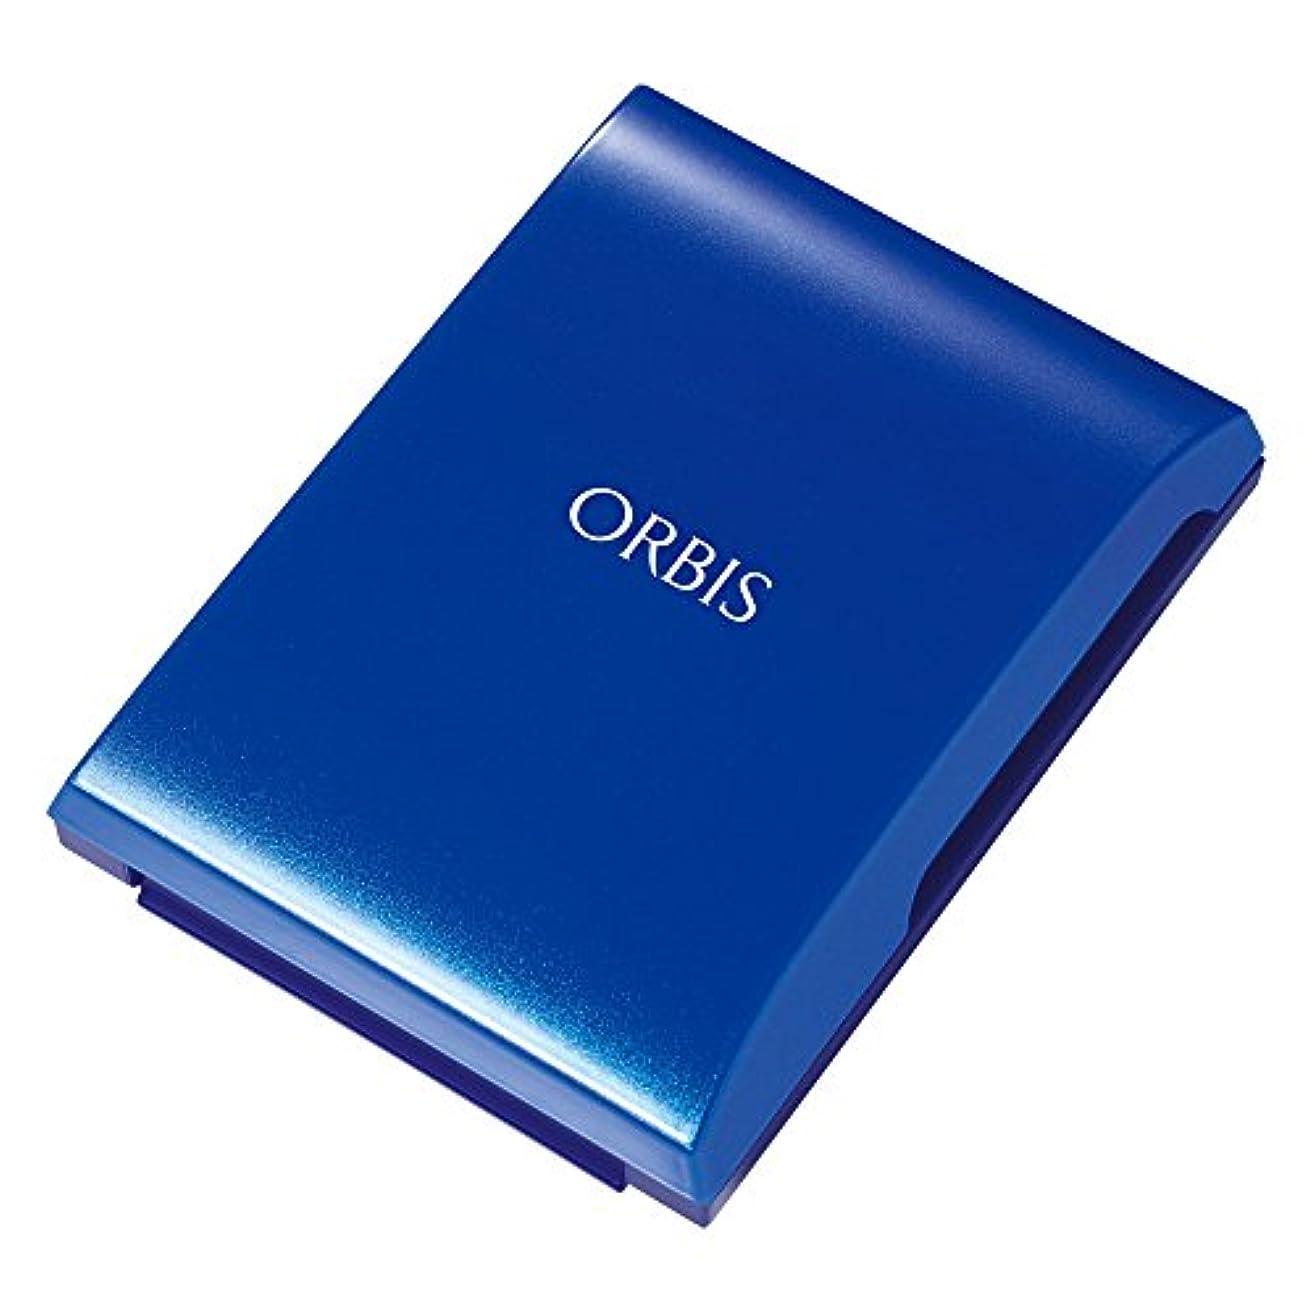 落花生キャッシュエンディングオルビス(ORBIS) クリアパウダーファンデーション 専用ケース